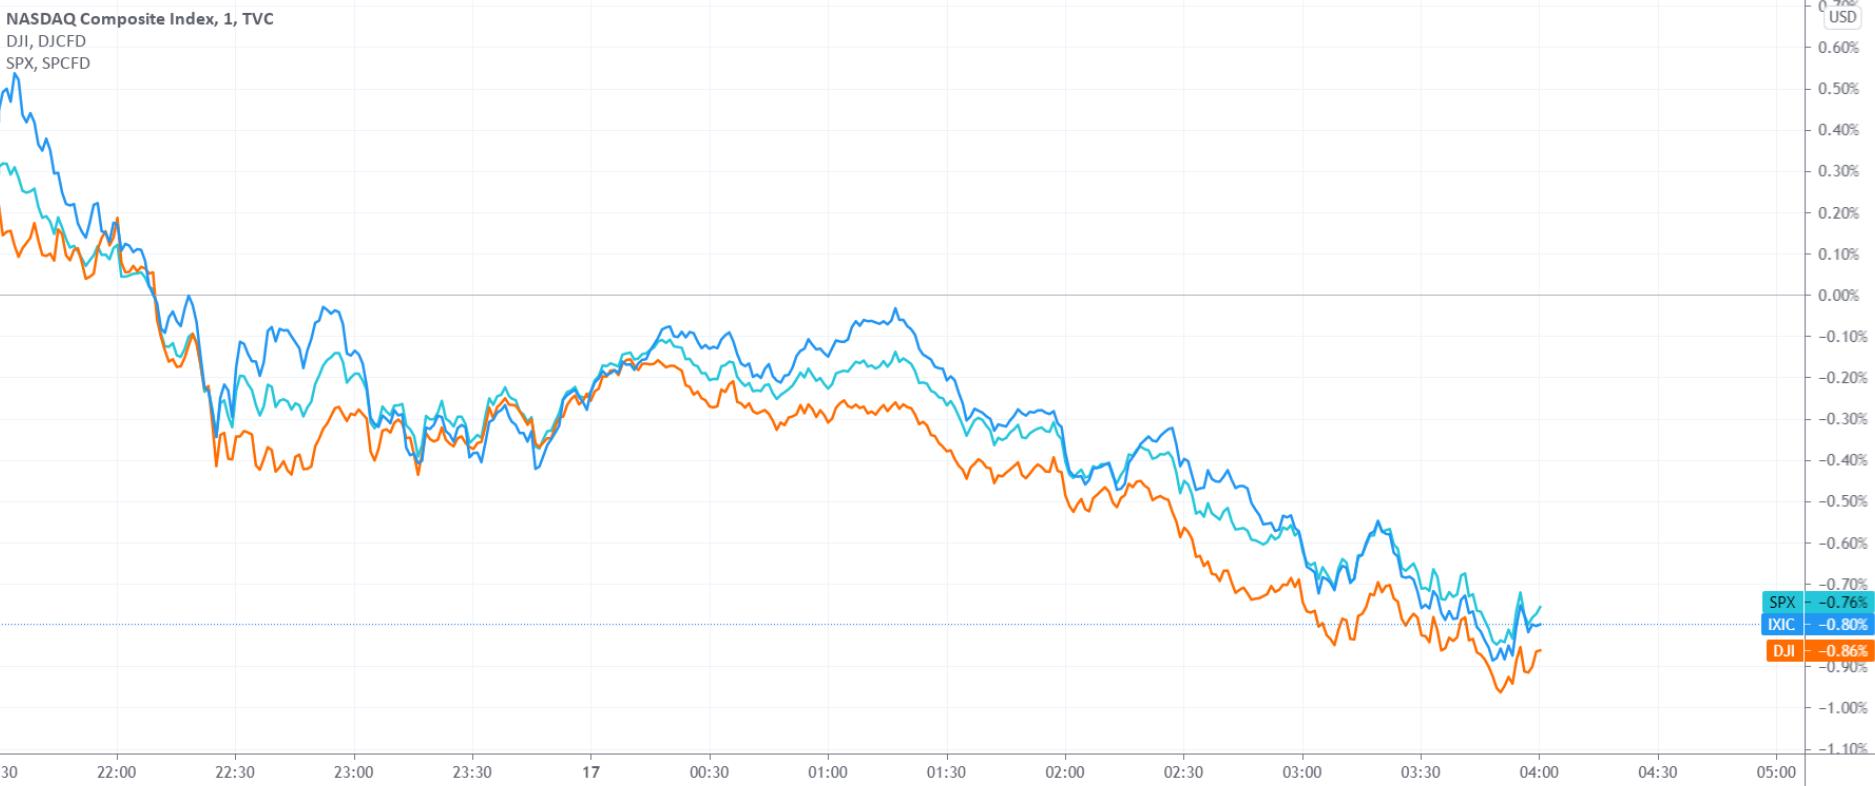 美股收盘:三大股指跌近1%中概股多数下跌 滴滴跌3.16%